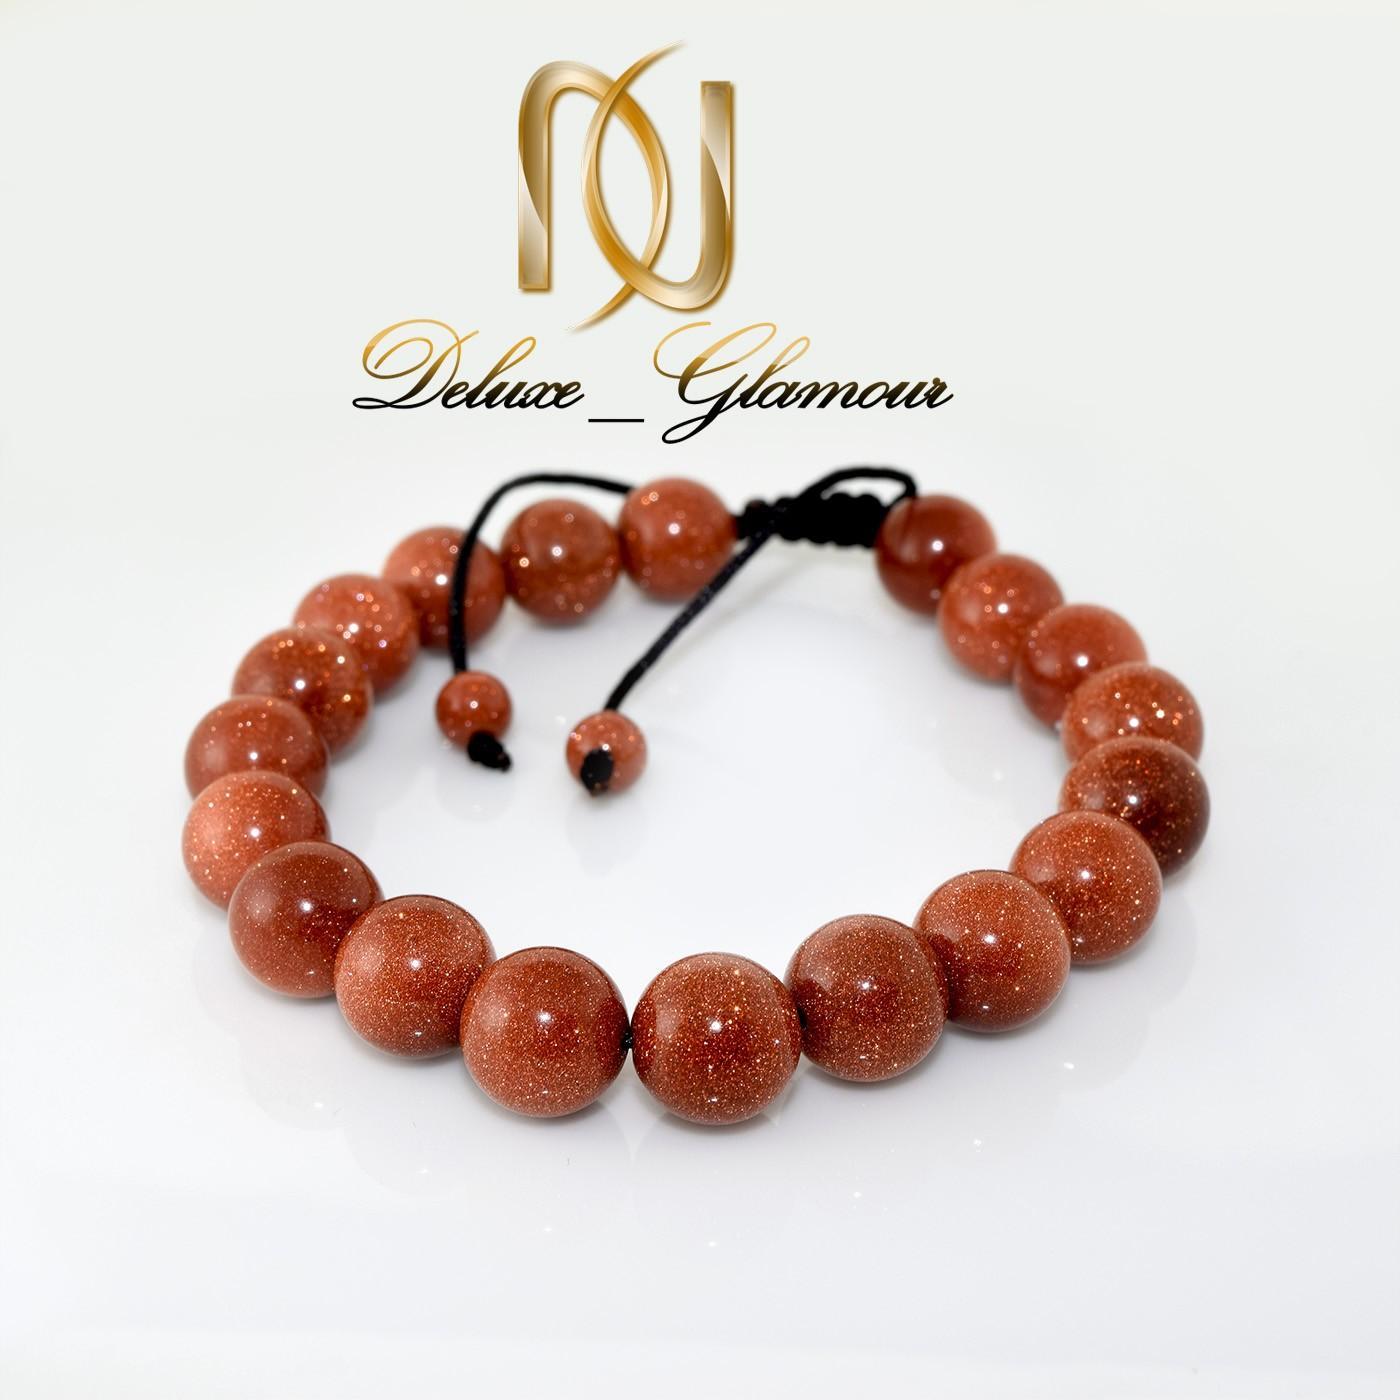 دستبند دخترانه اسپرت با سنگ عقیق دلربا ds-270 از نمای روبرو